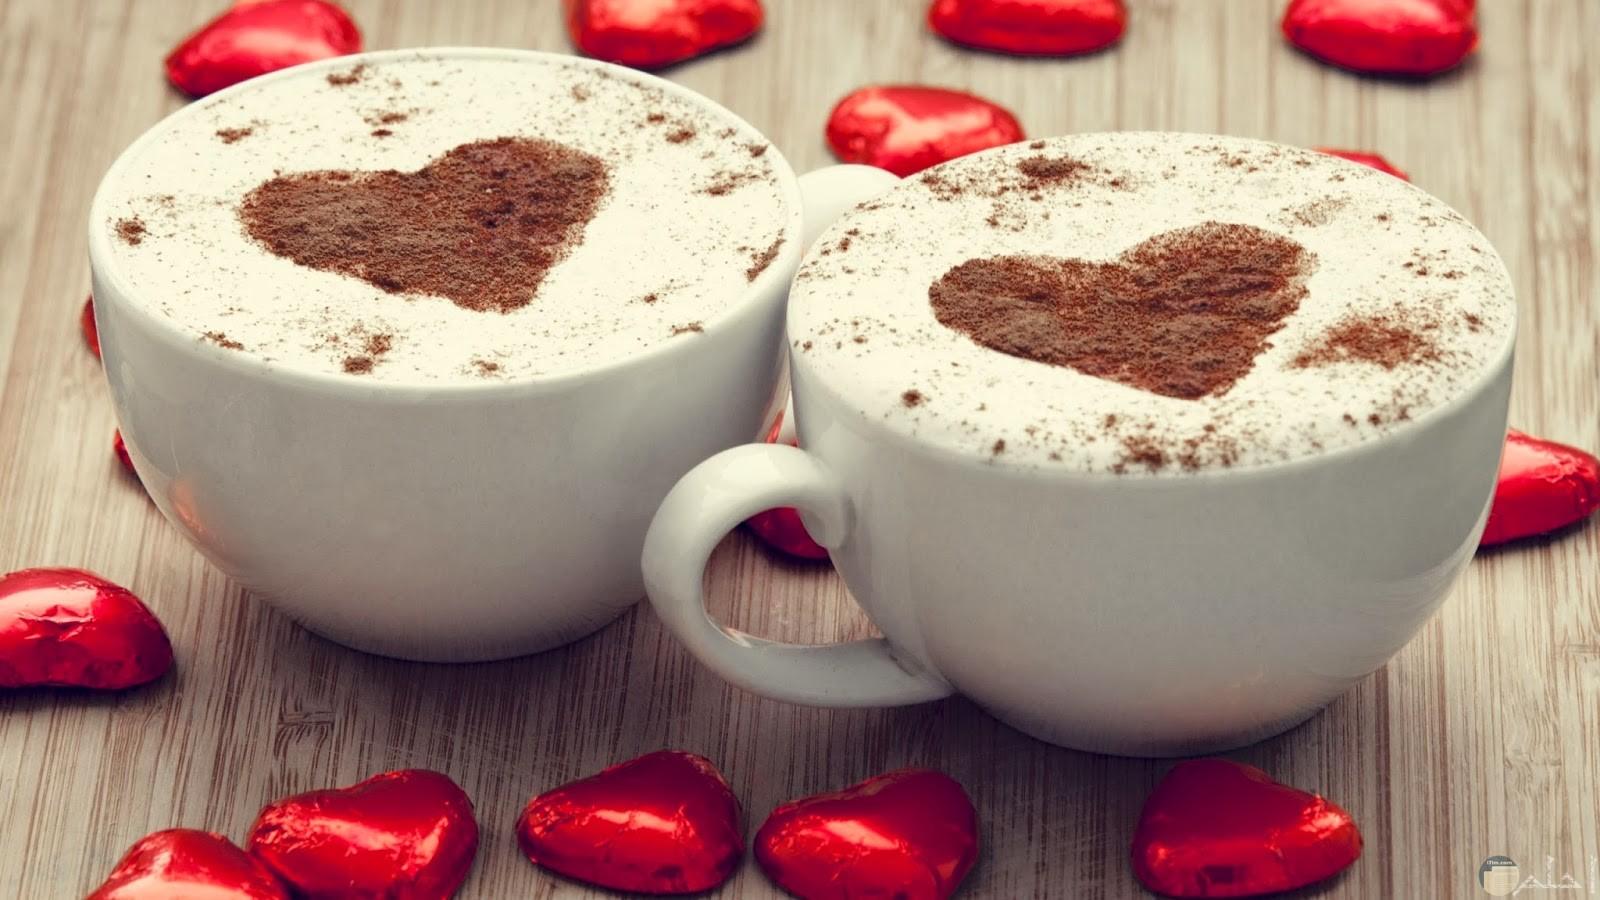 مشروبات دافئة مع الحب.